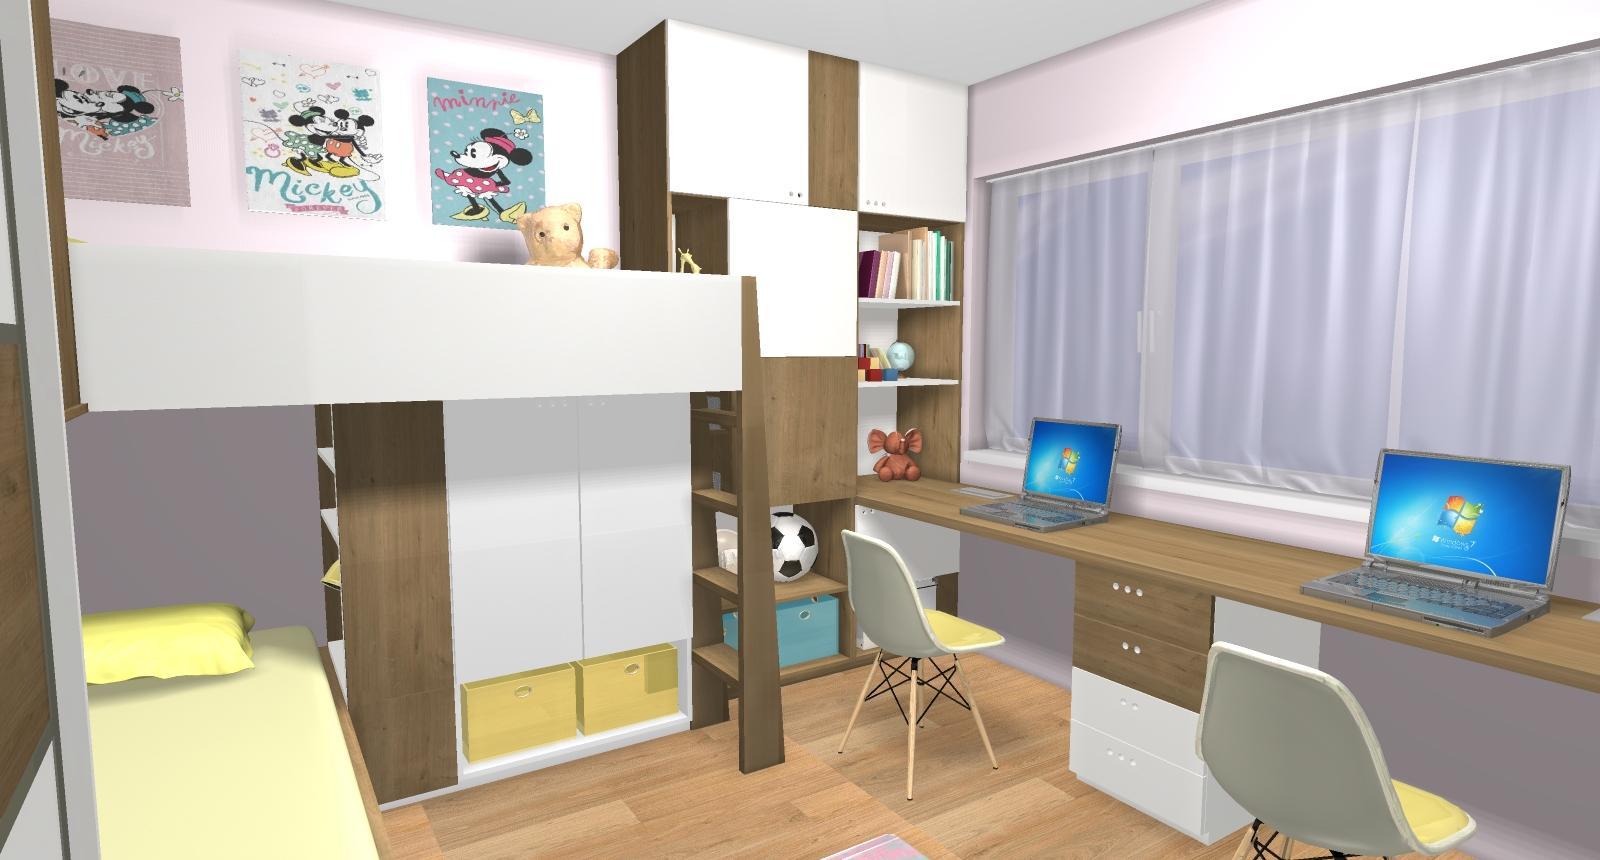 Grafické návrhy interiér 2019 - Grafický návrh detskej izby pre dve dievčatká - verzia 2 - obr.6